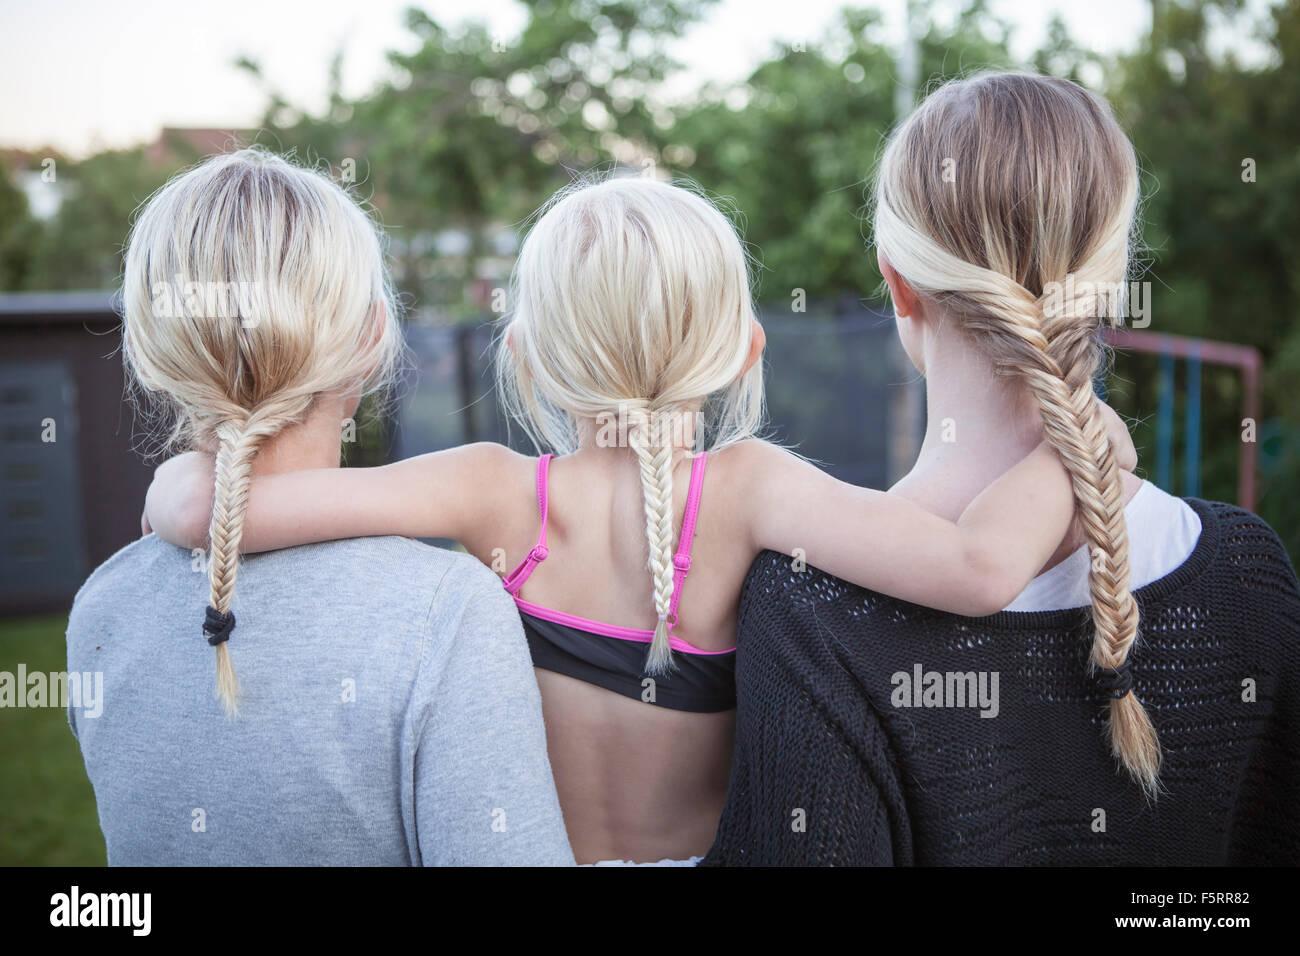 Schweden, Vastergotland, Lerum, Rückansicht von Mädchen (8-9, 16-17) mit geflochtener Pferdeschwanz stehen Stockbild